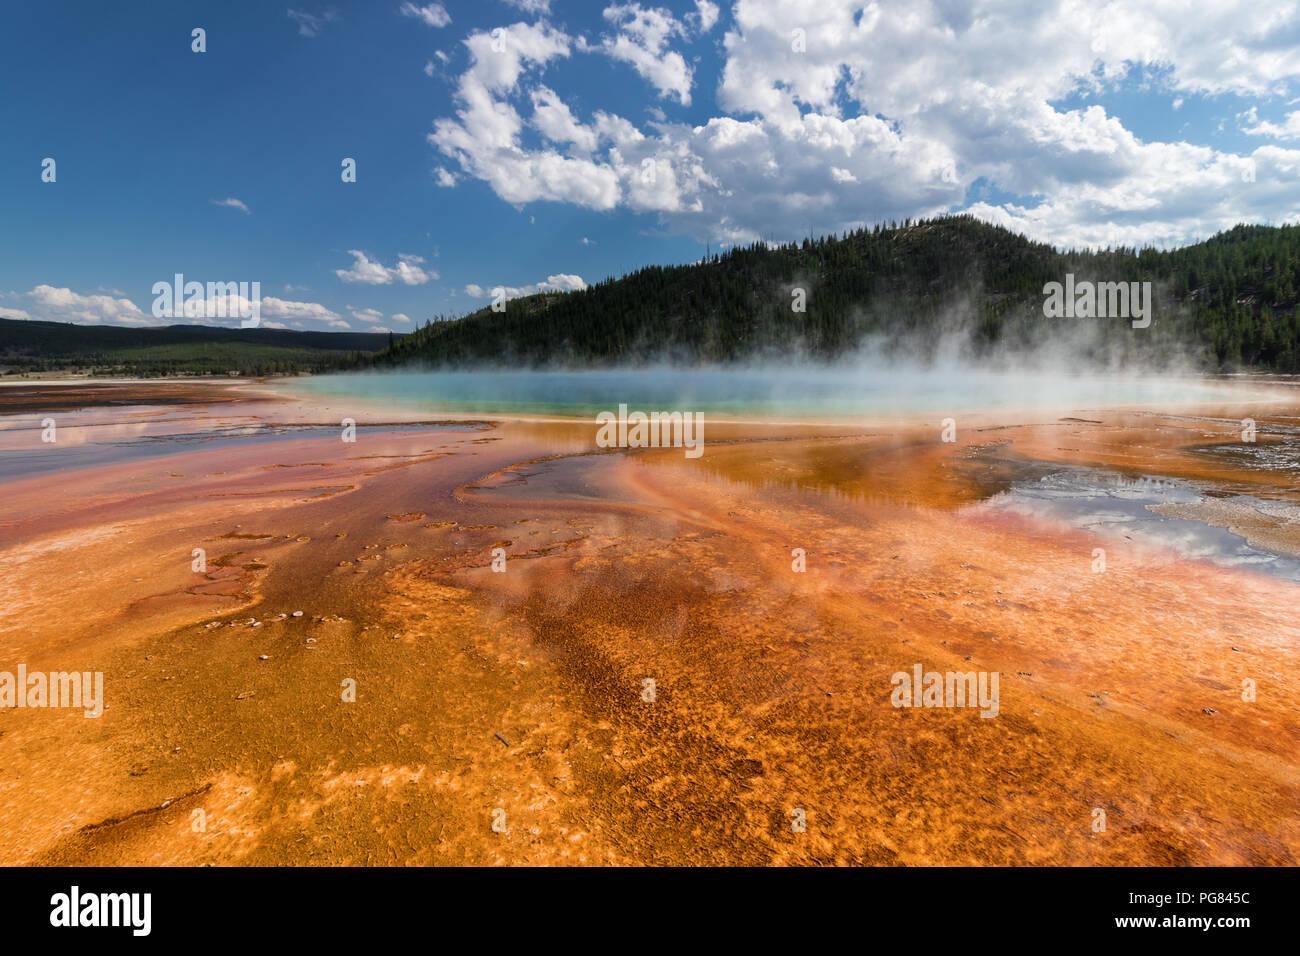 Grand Prismatic Spring - Parco di Yellowstone. Il panorama su un estate giornata soleggiata con nuvole. Il contrasto di colori - Arancione, Verde Blu Immagini Stock